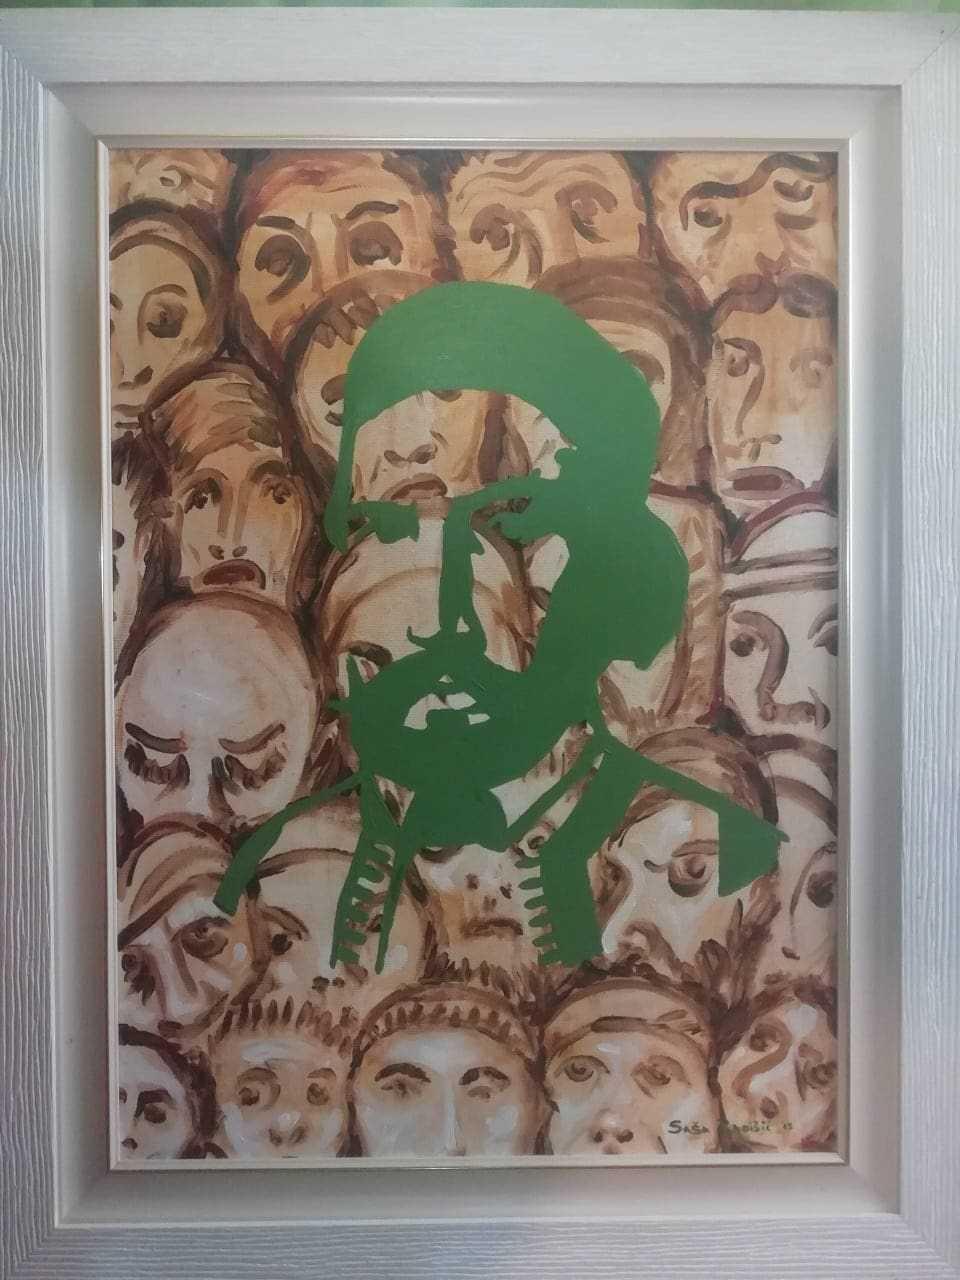 Saša Radišić - Carev Laz, akrilik na platnu, 2013. cijena 500€